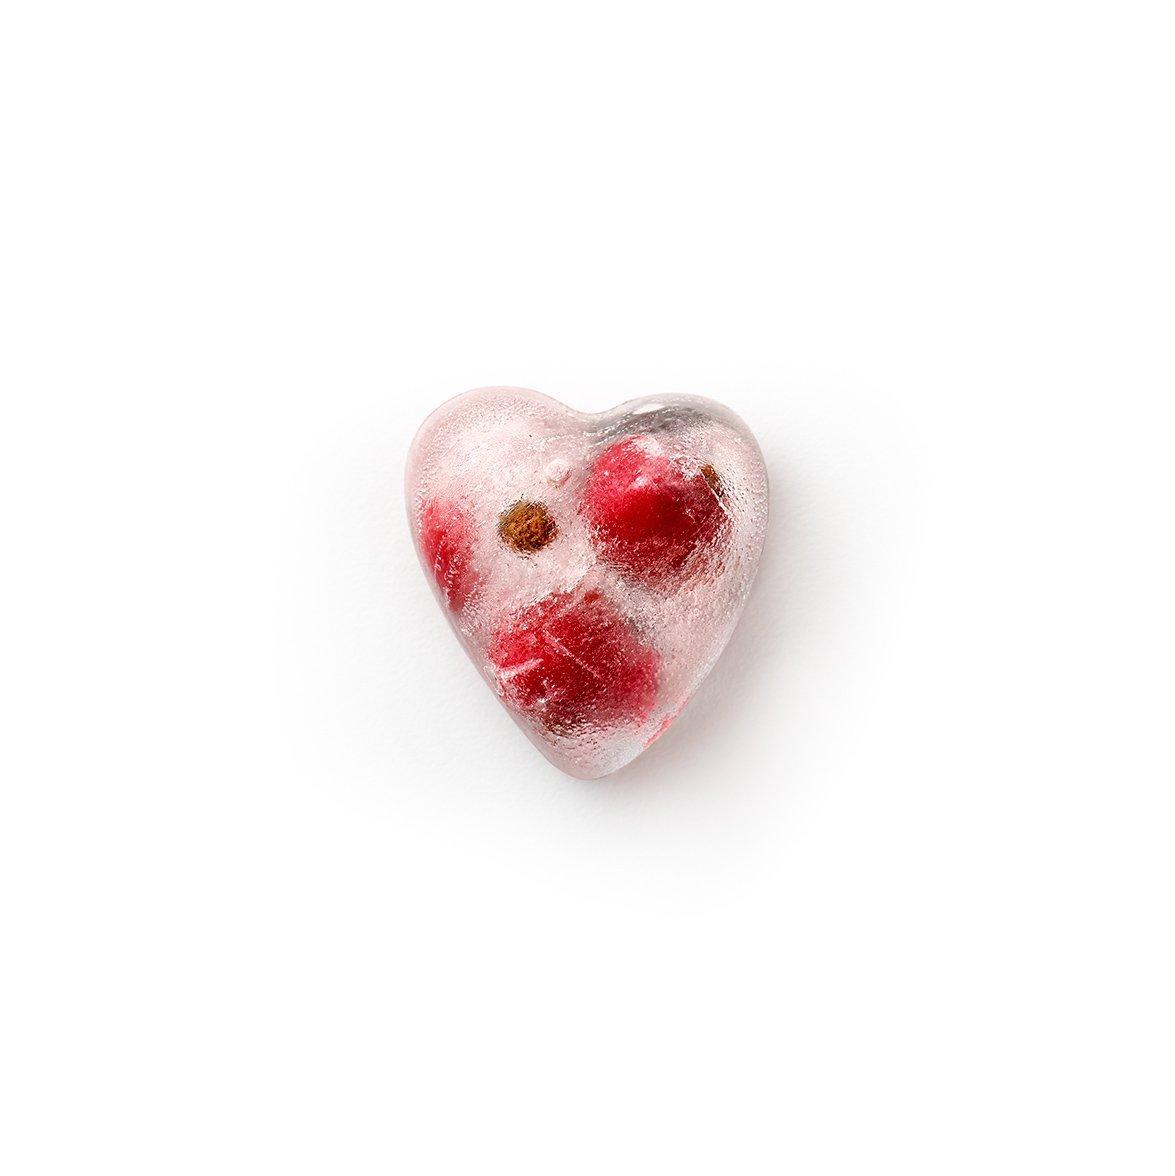 """Форма для льда """"сердечки"""" Lekue, 22х11 см, красный Lekue 0850200R01C150 фото 3"""